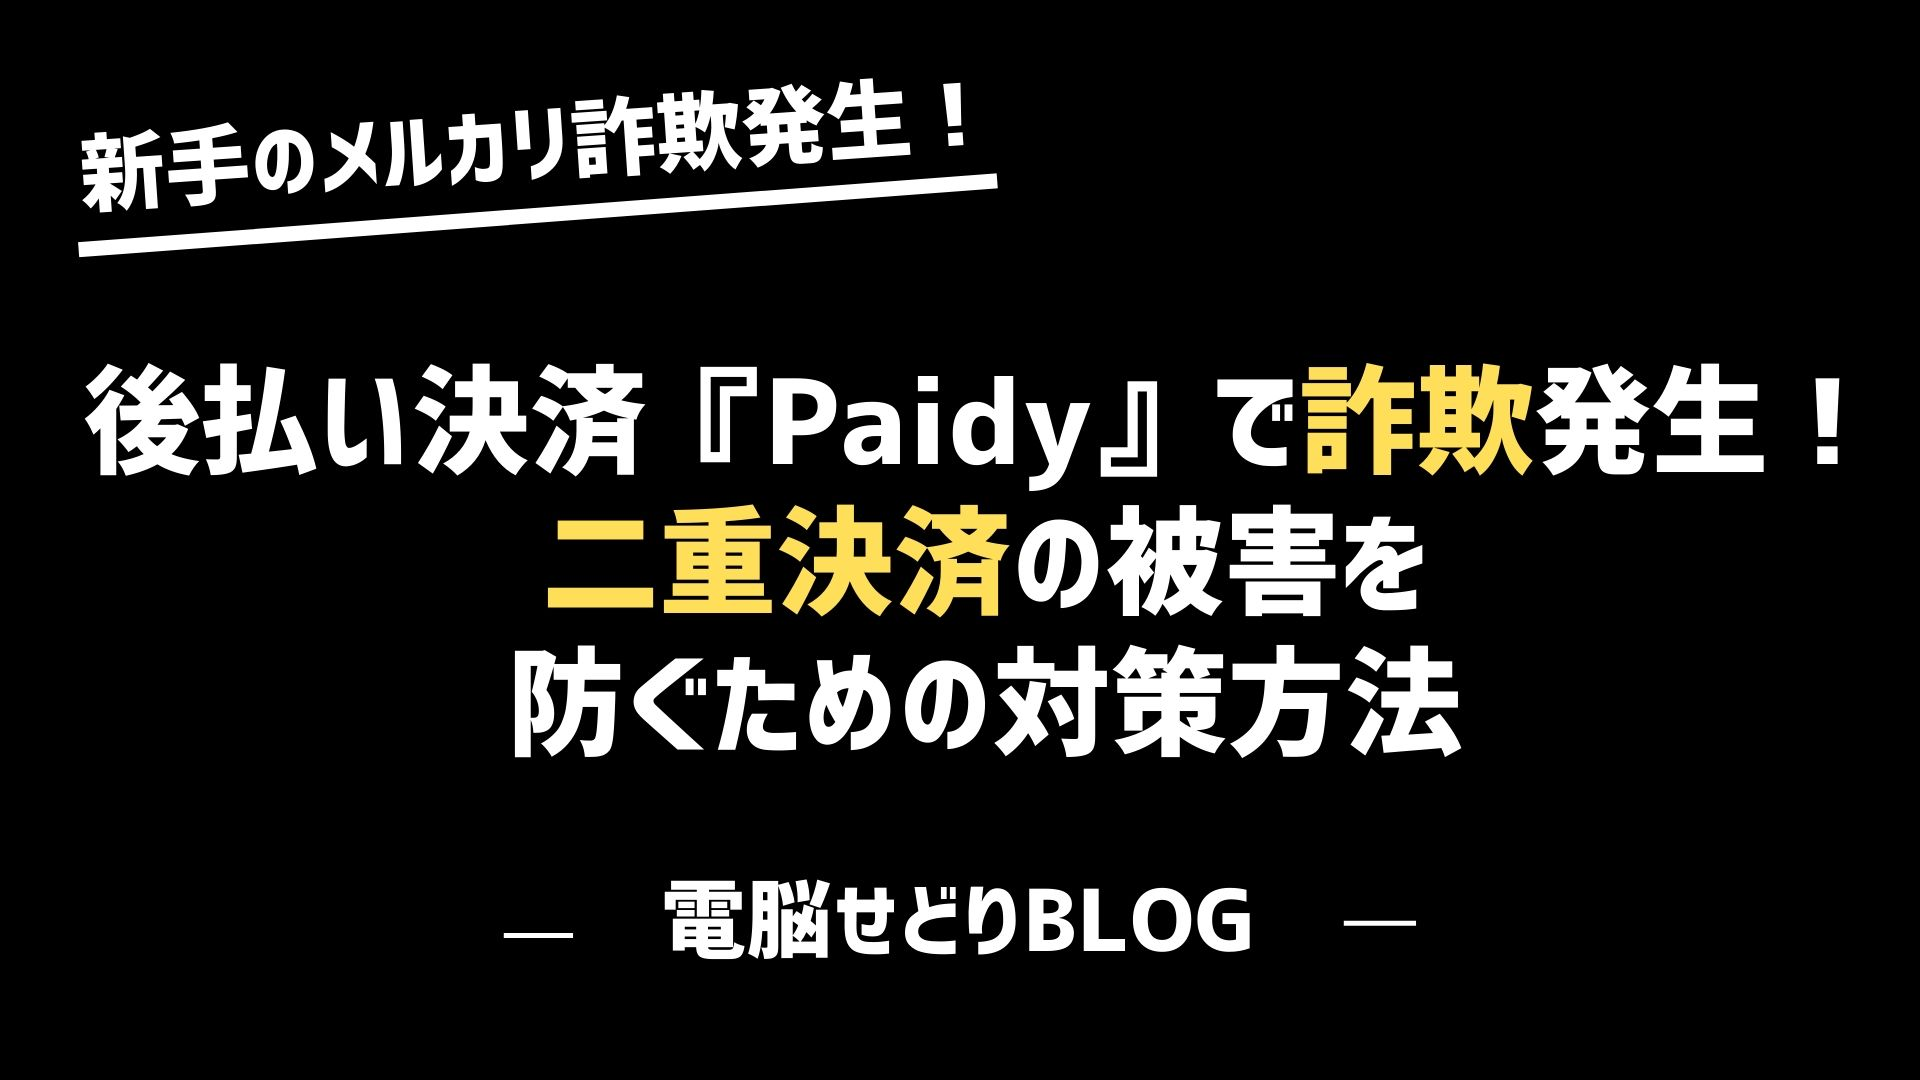 後払い決済『Paidy』でメルカリ詐欺発生!二重決済の被害を防ぐための対策方法を解説!